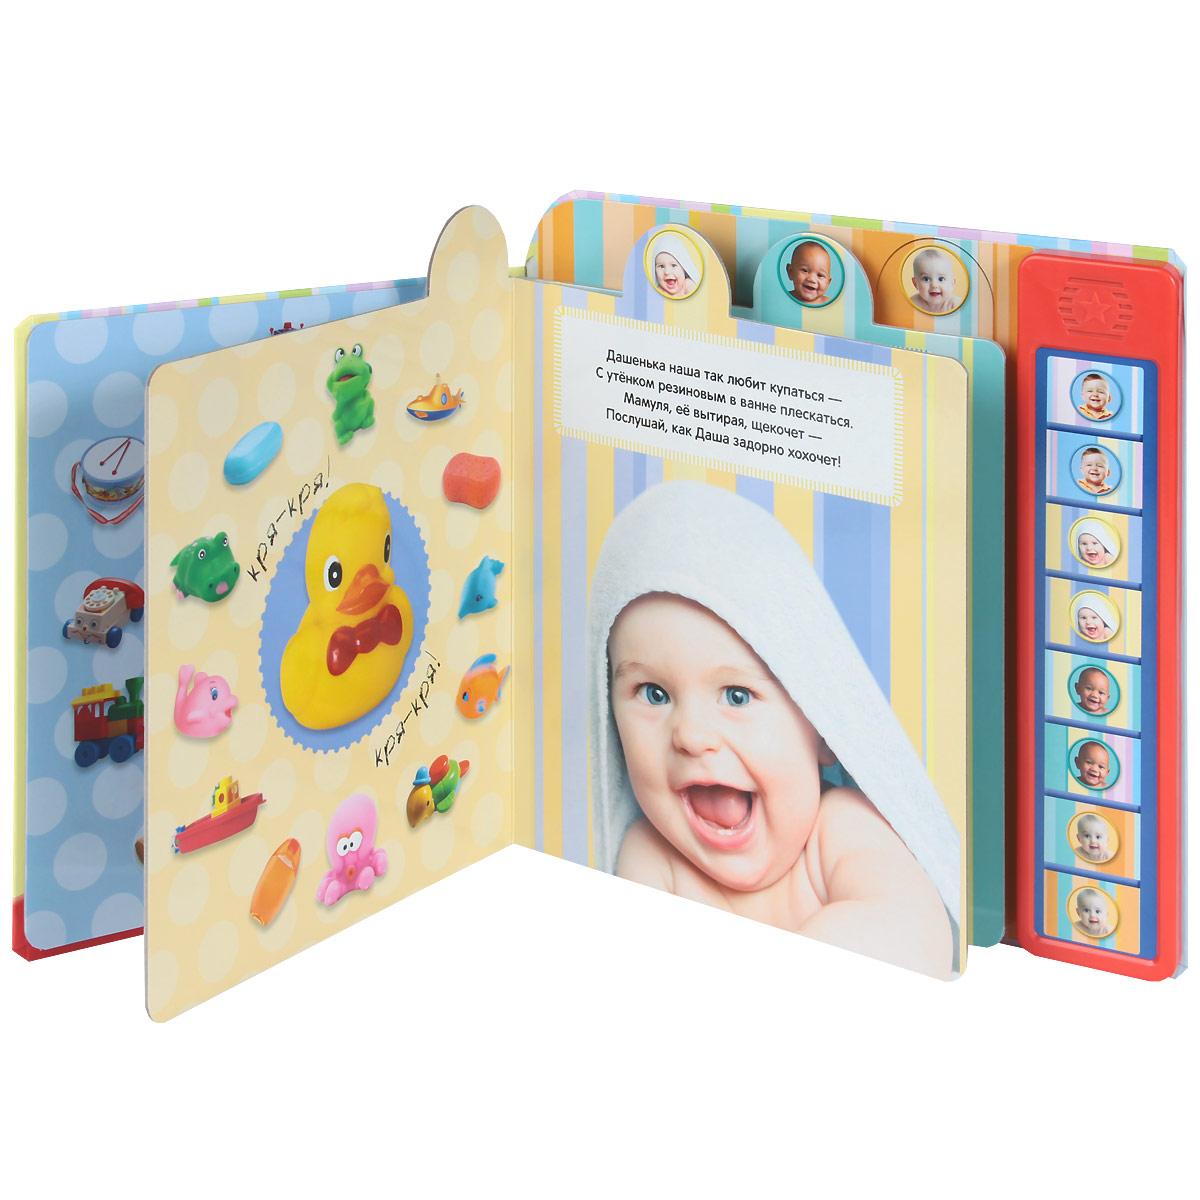 Хохотунчики. Малыши смеются! 8 разных звуков! (книжка-игрушка)